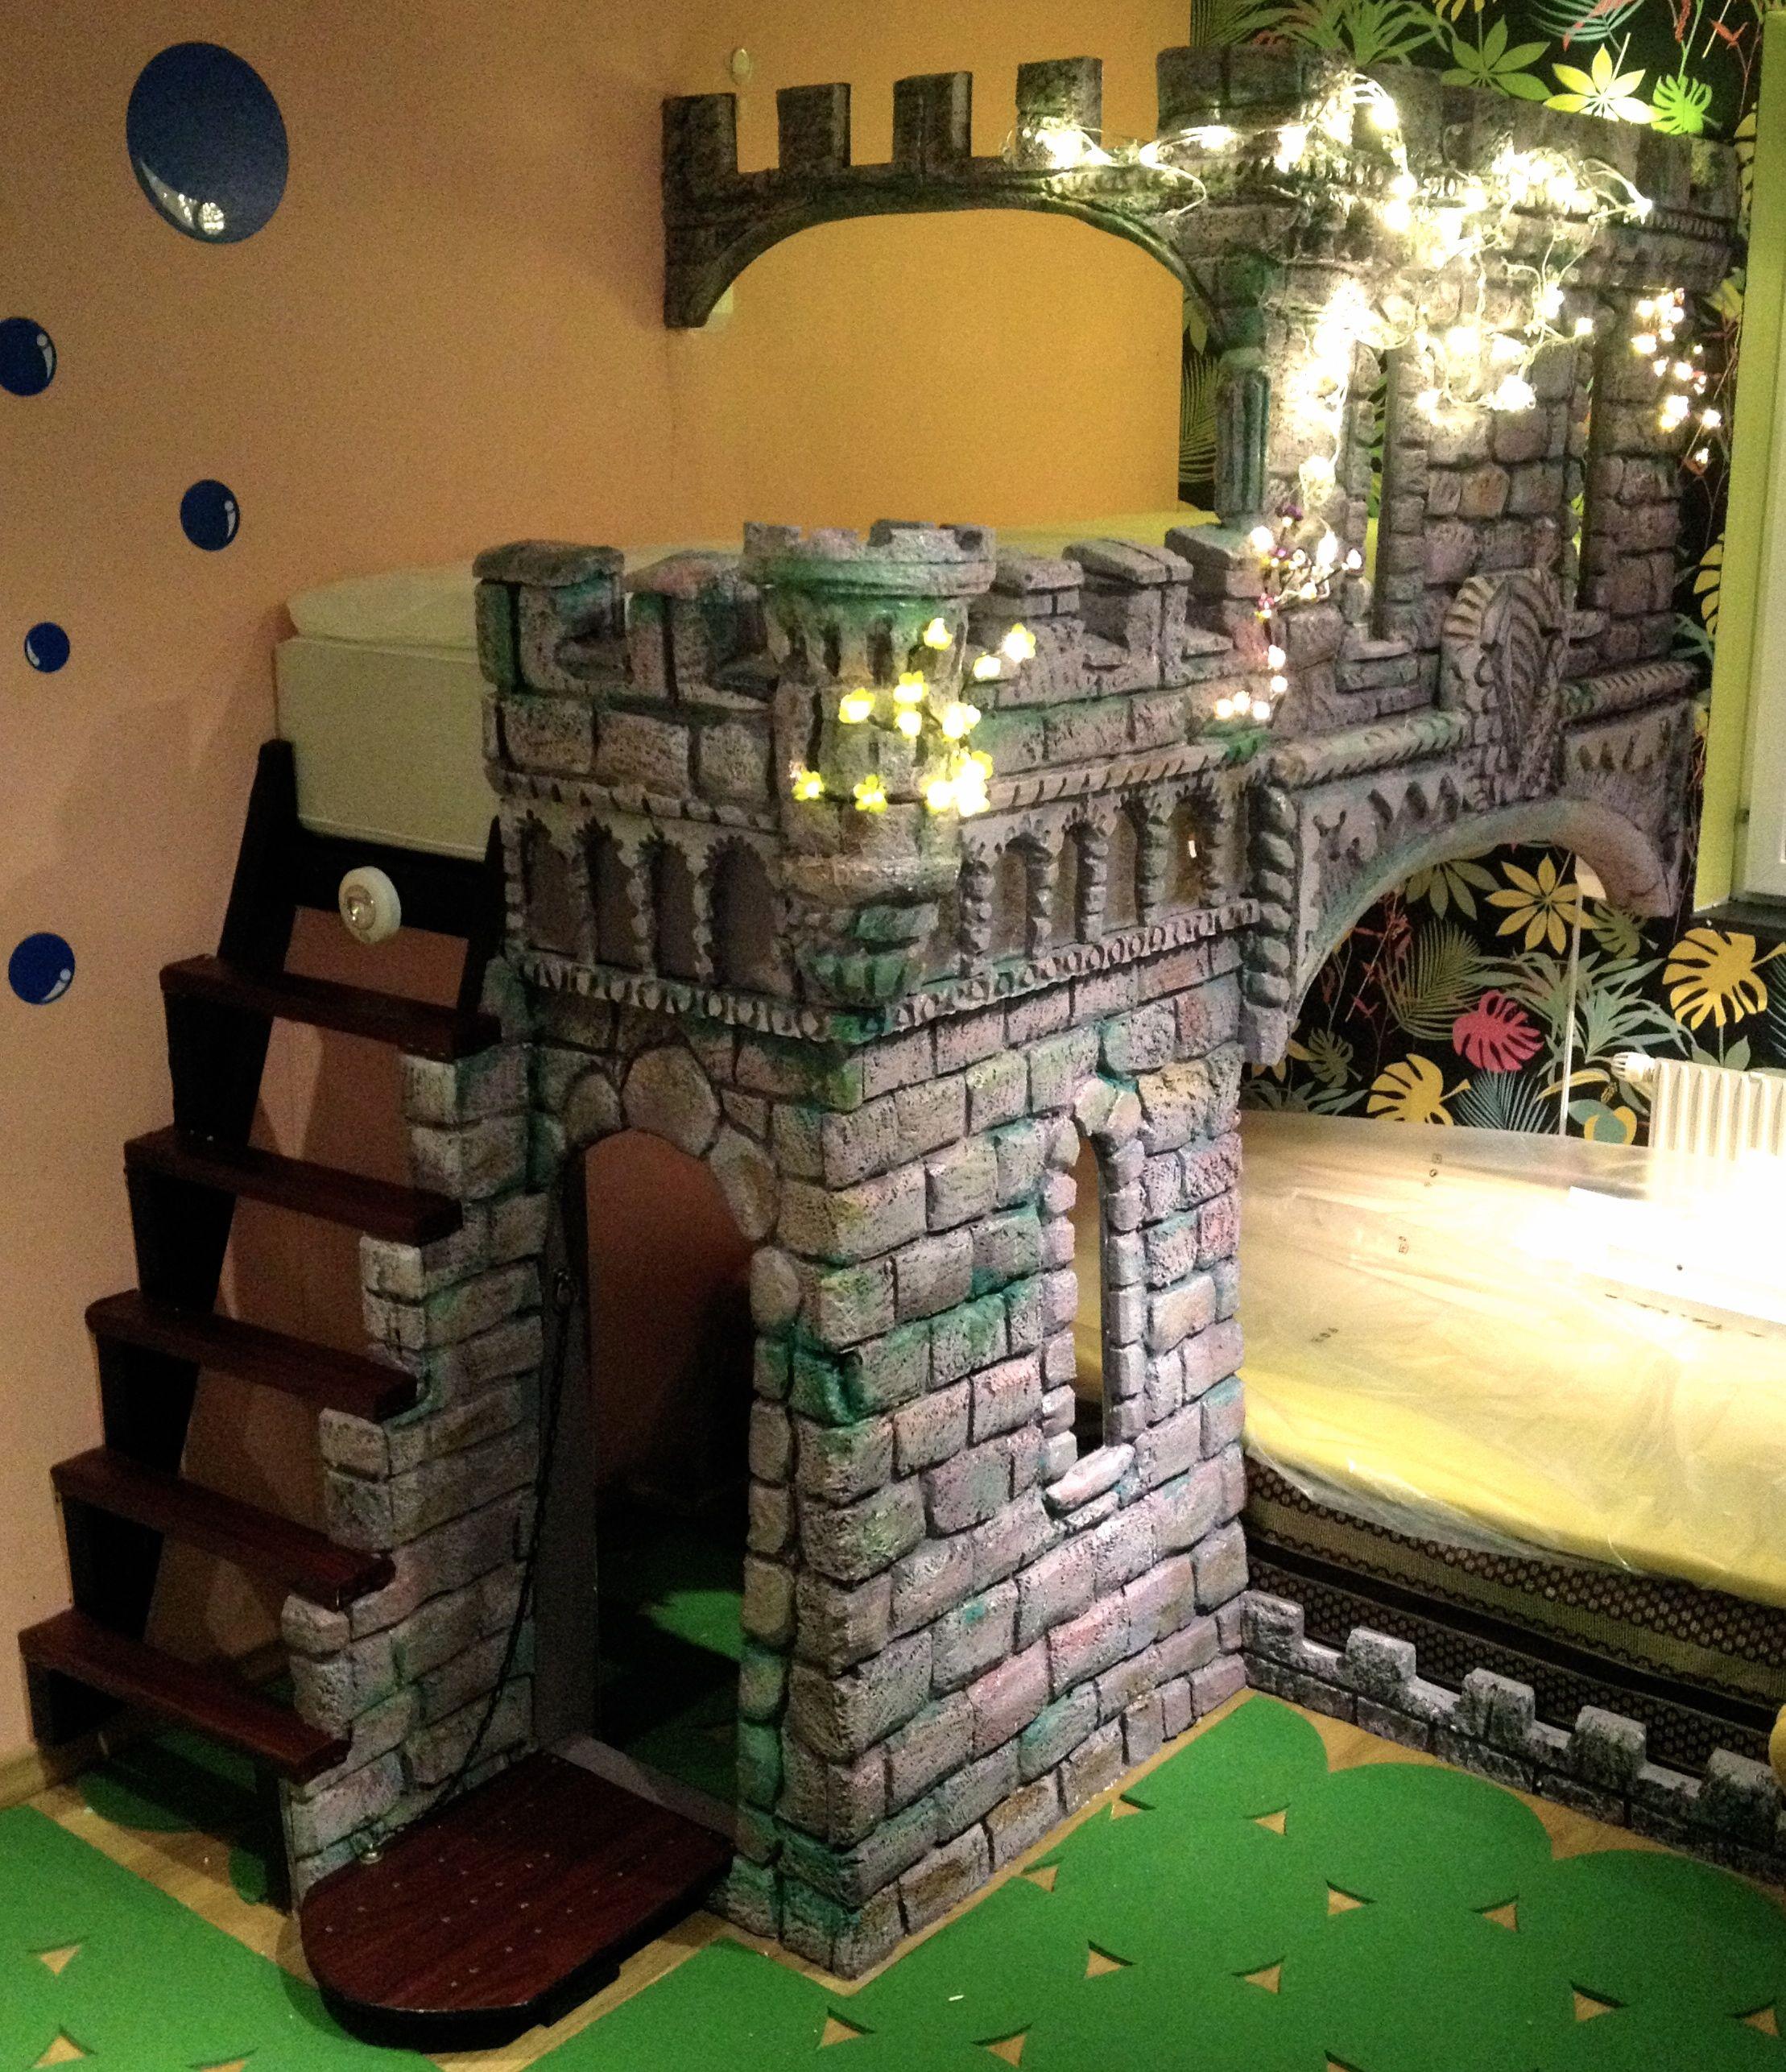 Diy bunk bed for kids - Portfolio Kids Castlecastle Bedcastle